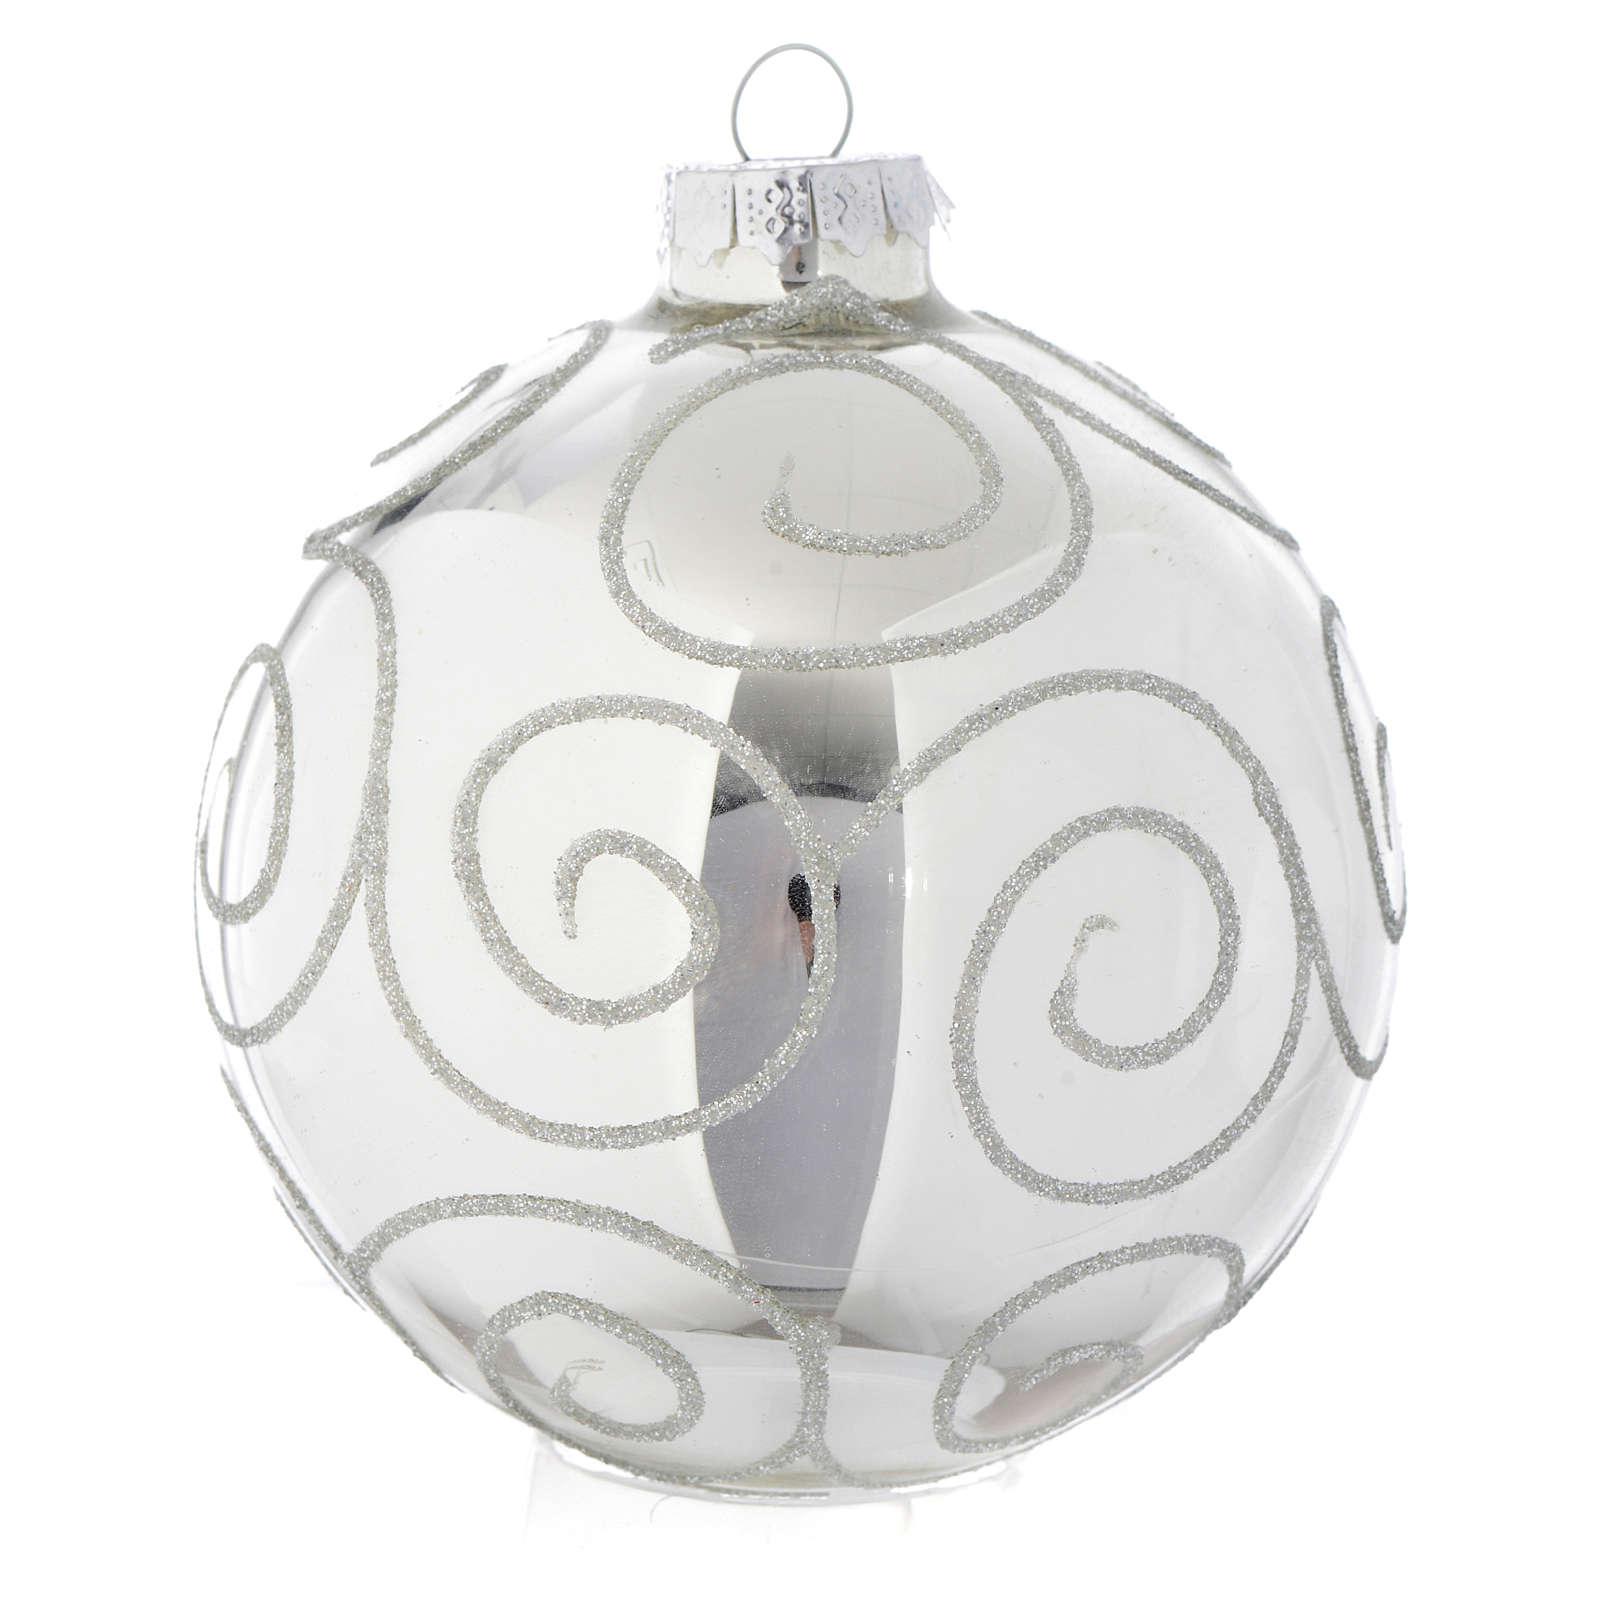 Tannenbaumkugel Silber mit Dekorationen 90mm 4